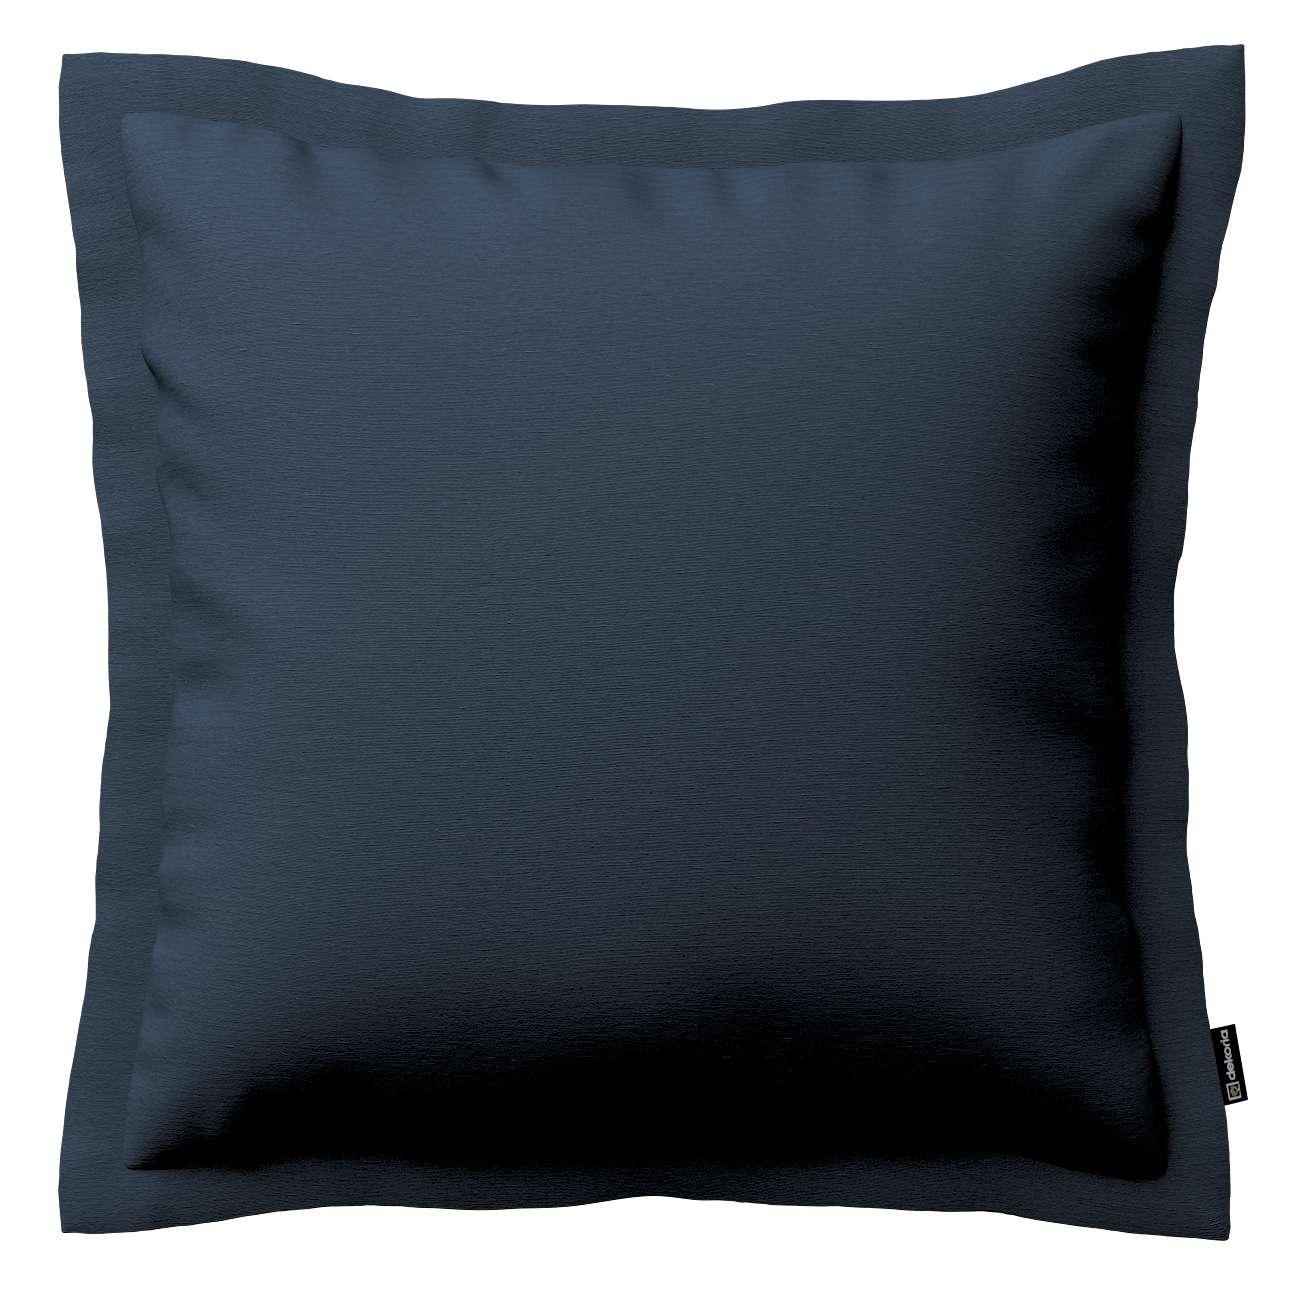 Mona dekoratyvinių pagalvėlių užvalkalas su sienele 45 x 45cm kolekcijoje Quadro, audinys: 136-04